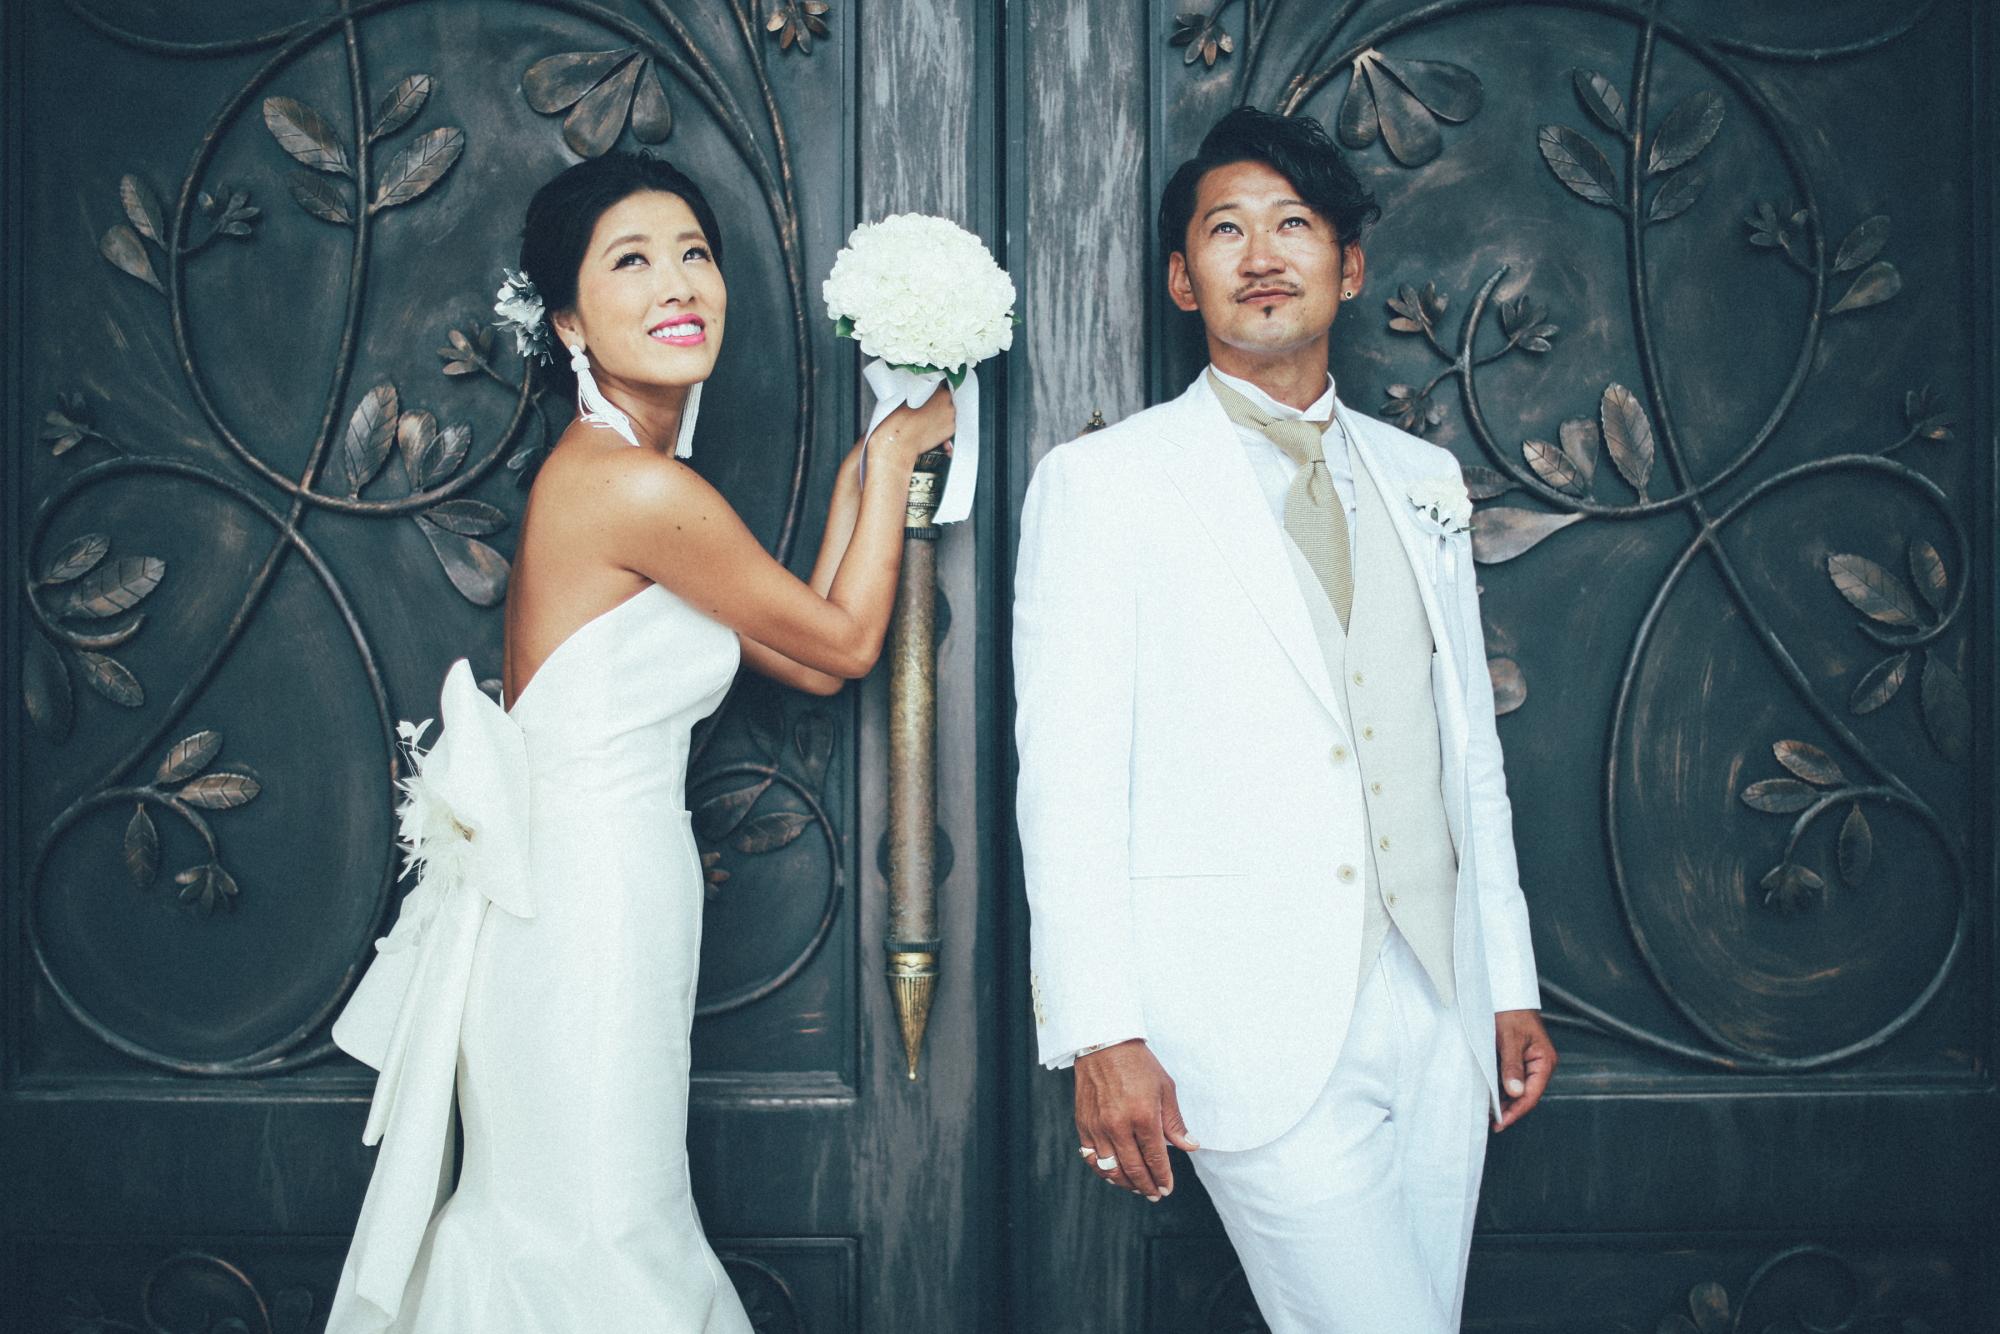 ベターハーフテラスバイザシーでの結婚